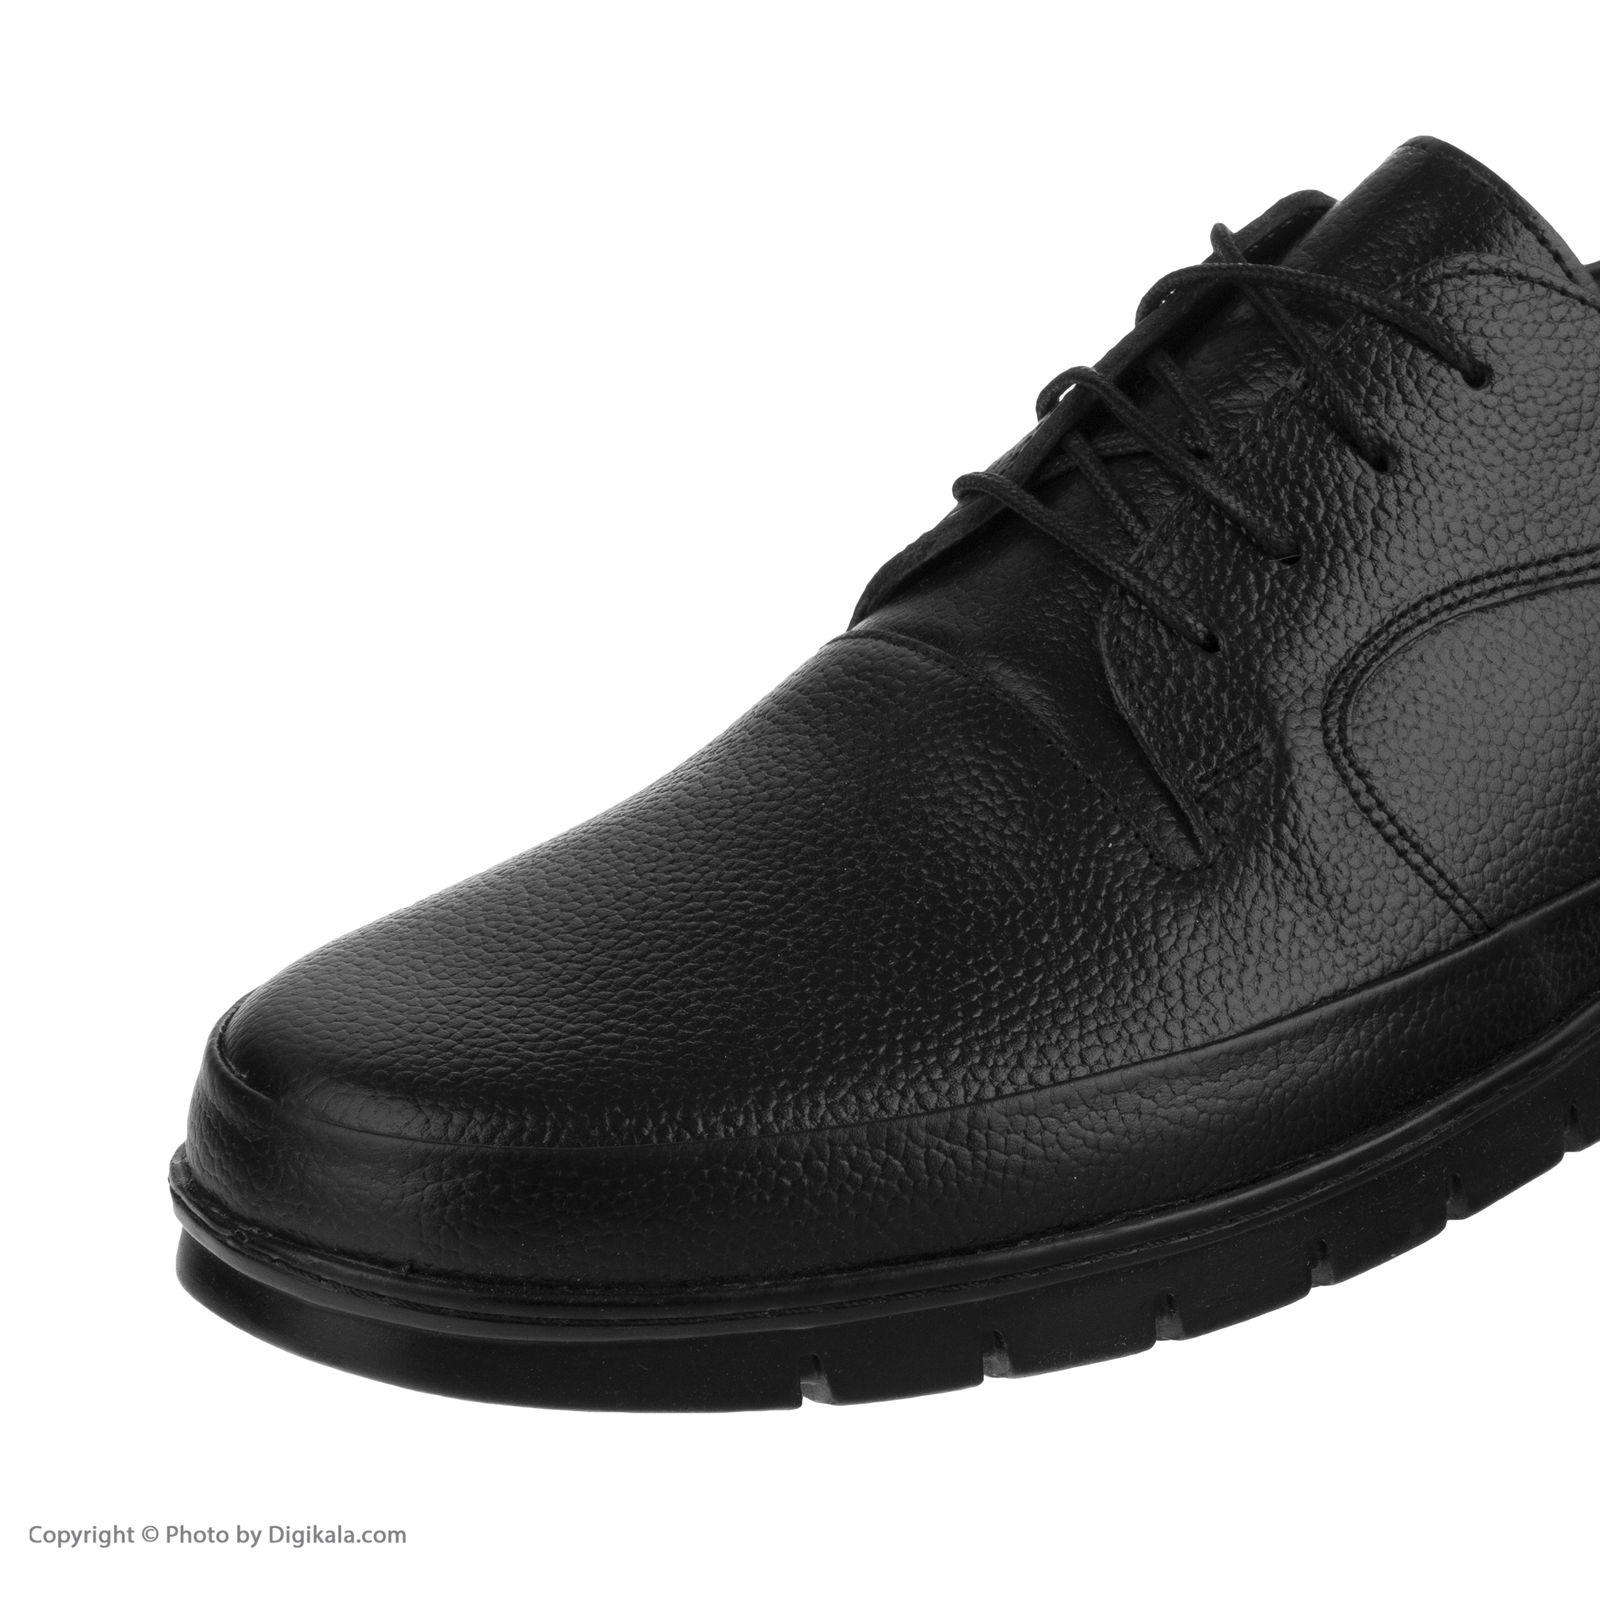 کفش روزمره مردانه سوته مدل 4932D503101 -  - 6